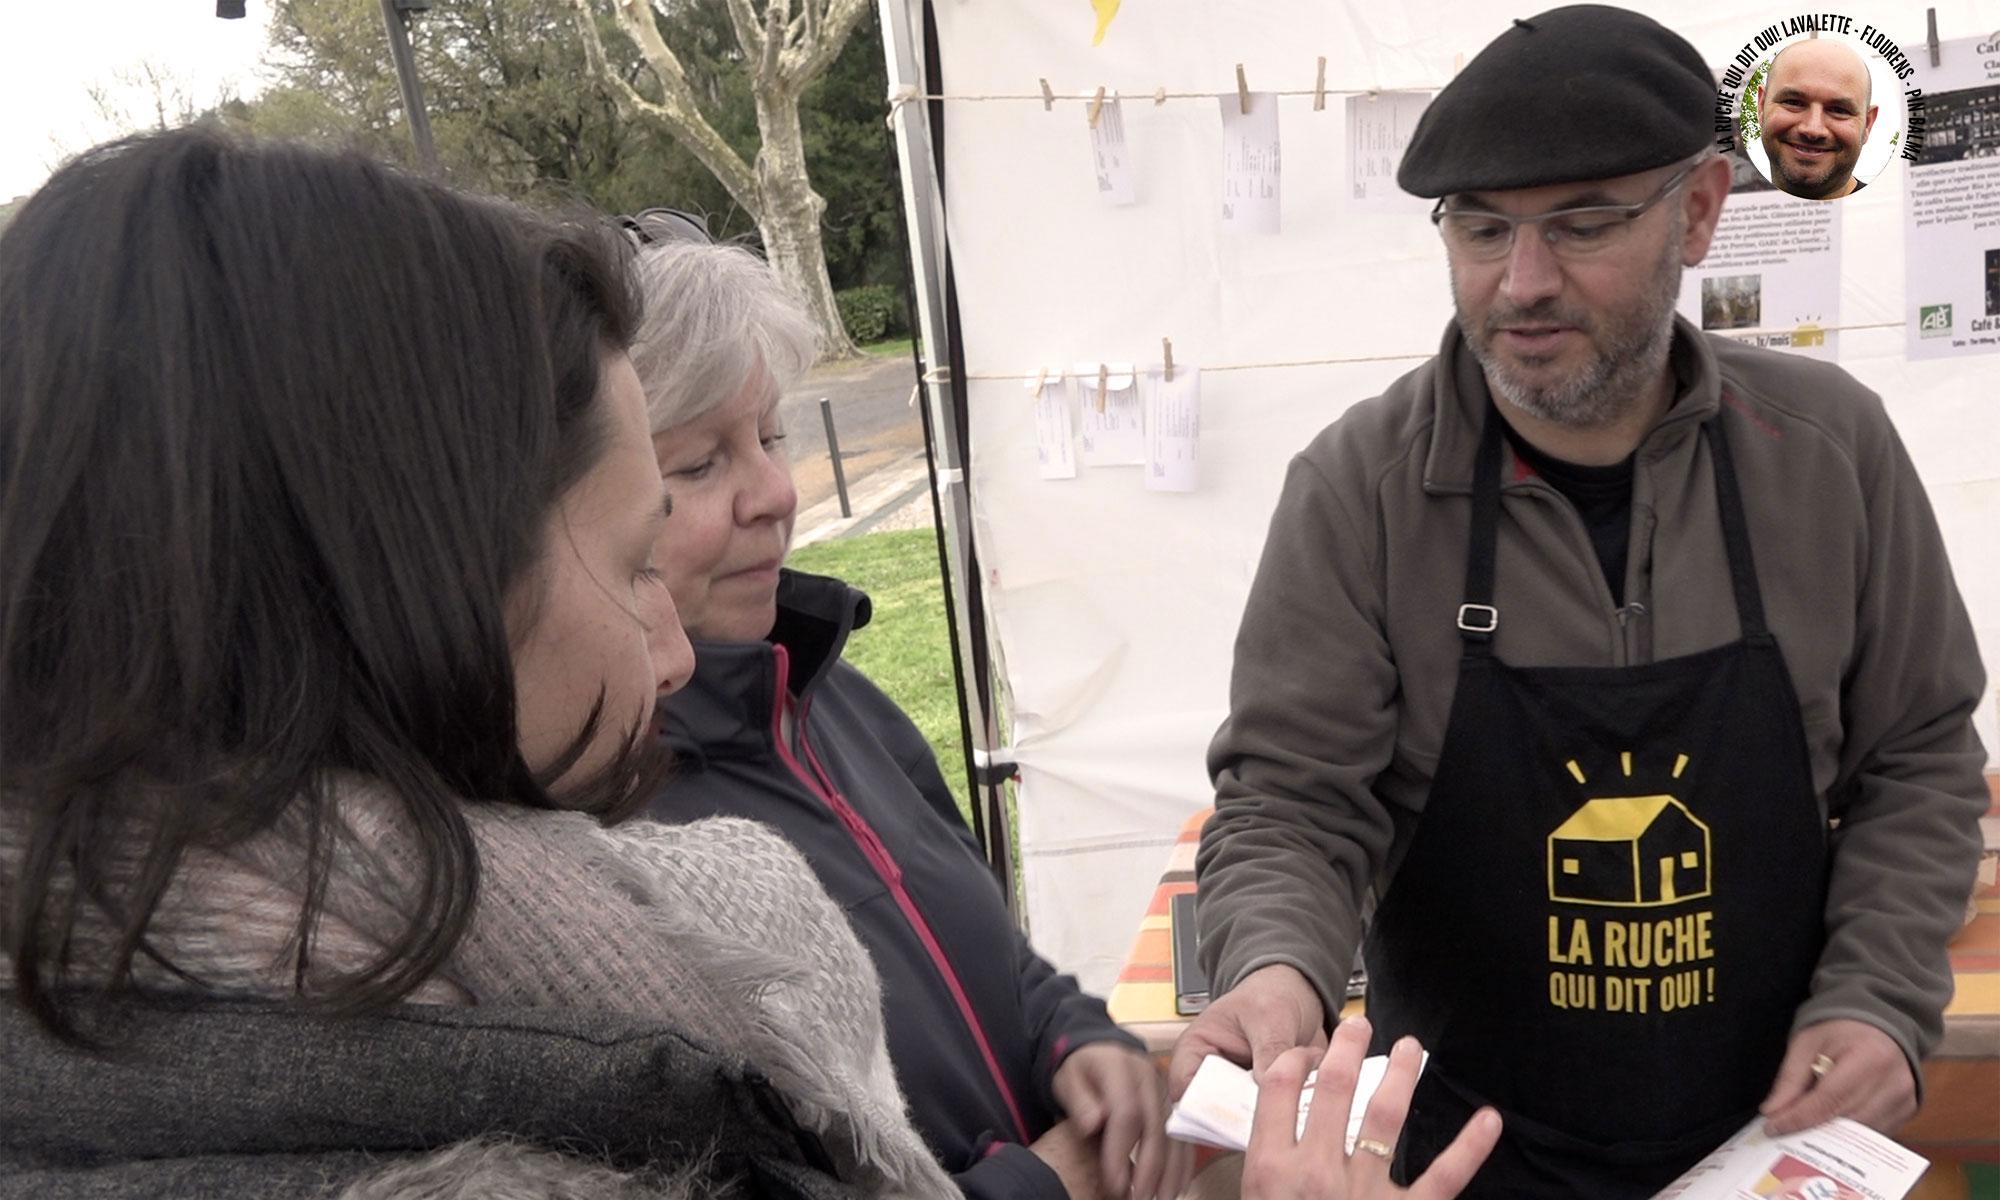 La mission de la Ruche qui dit Oui! de Flourens, Pin-Balma et Lavalette.